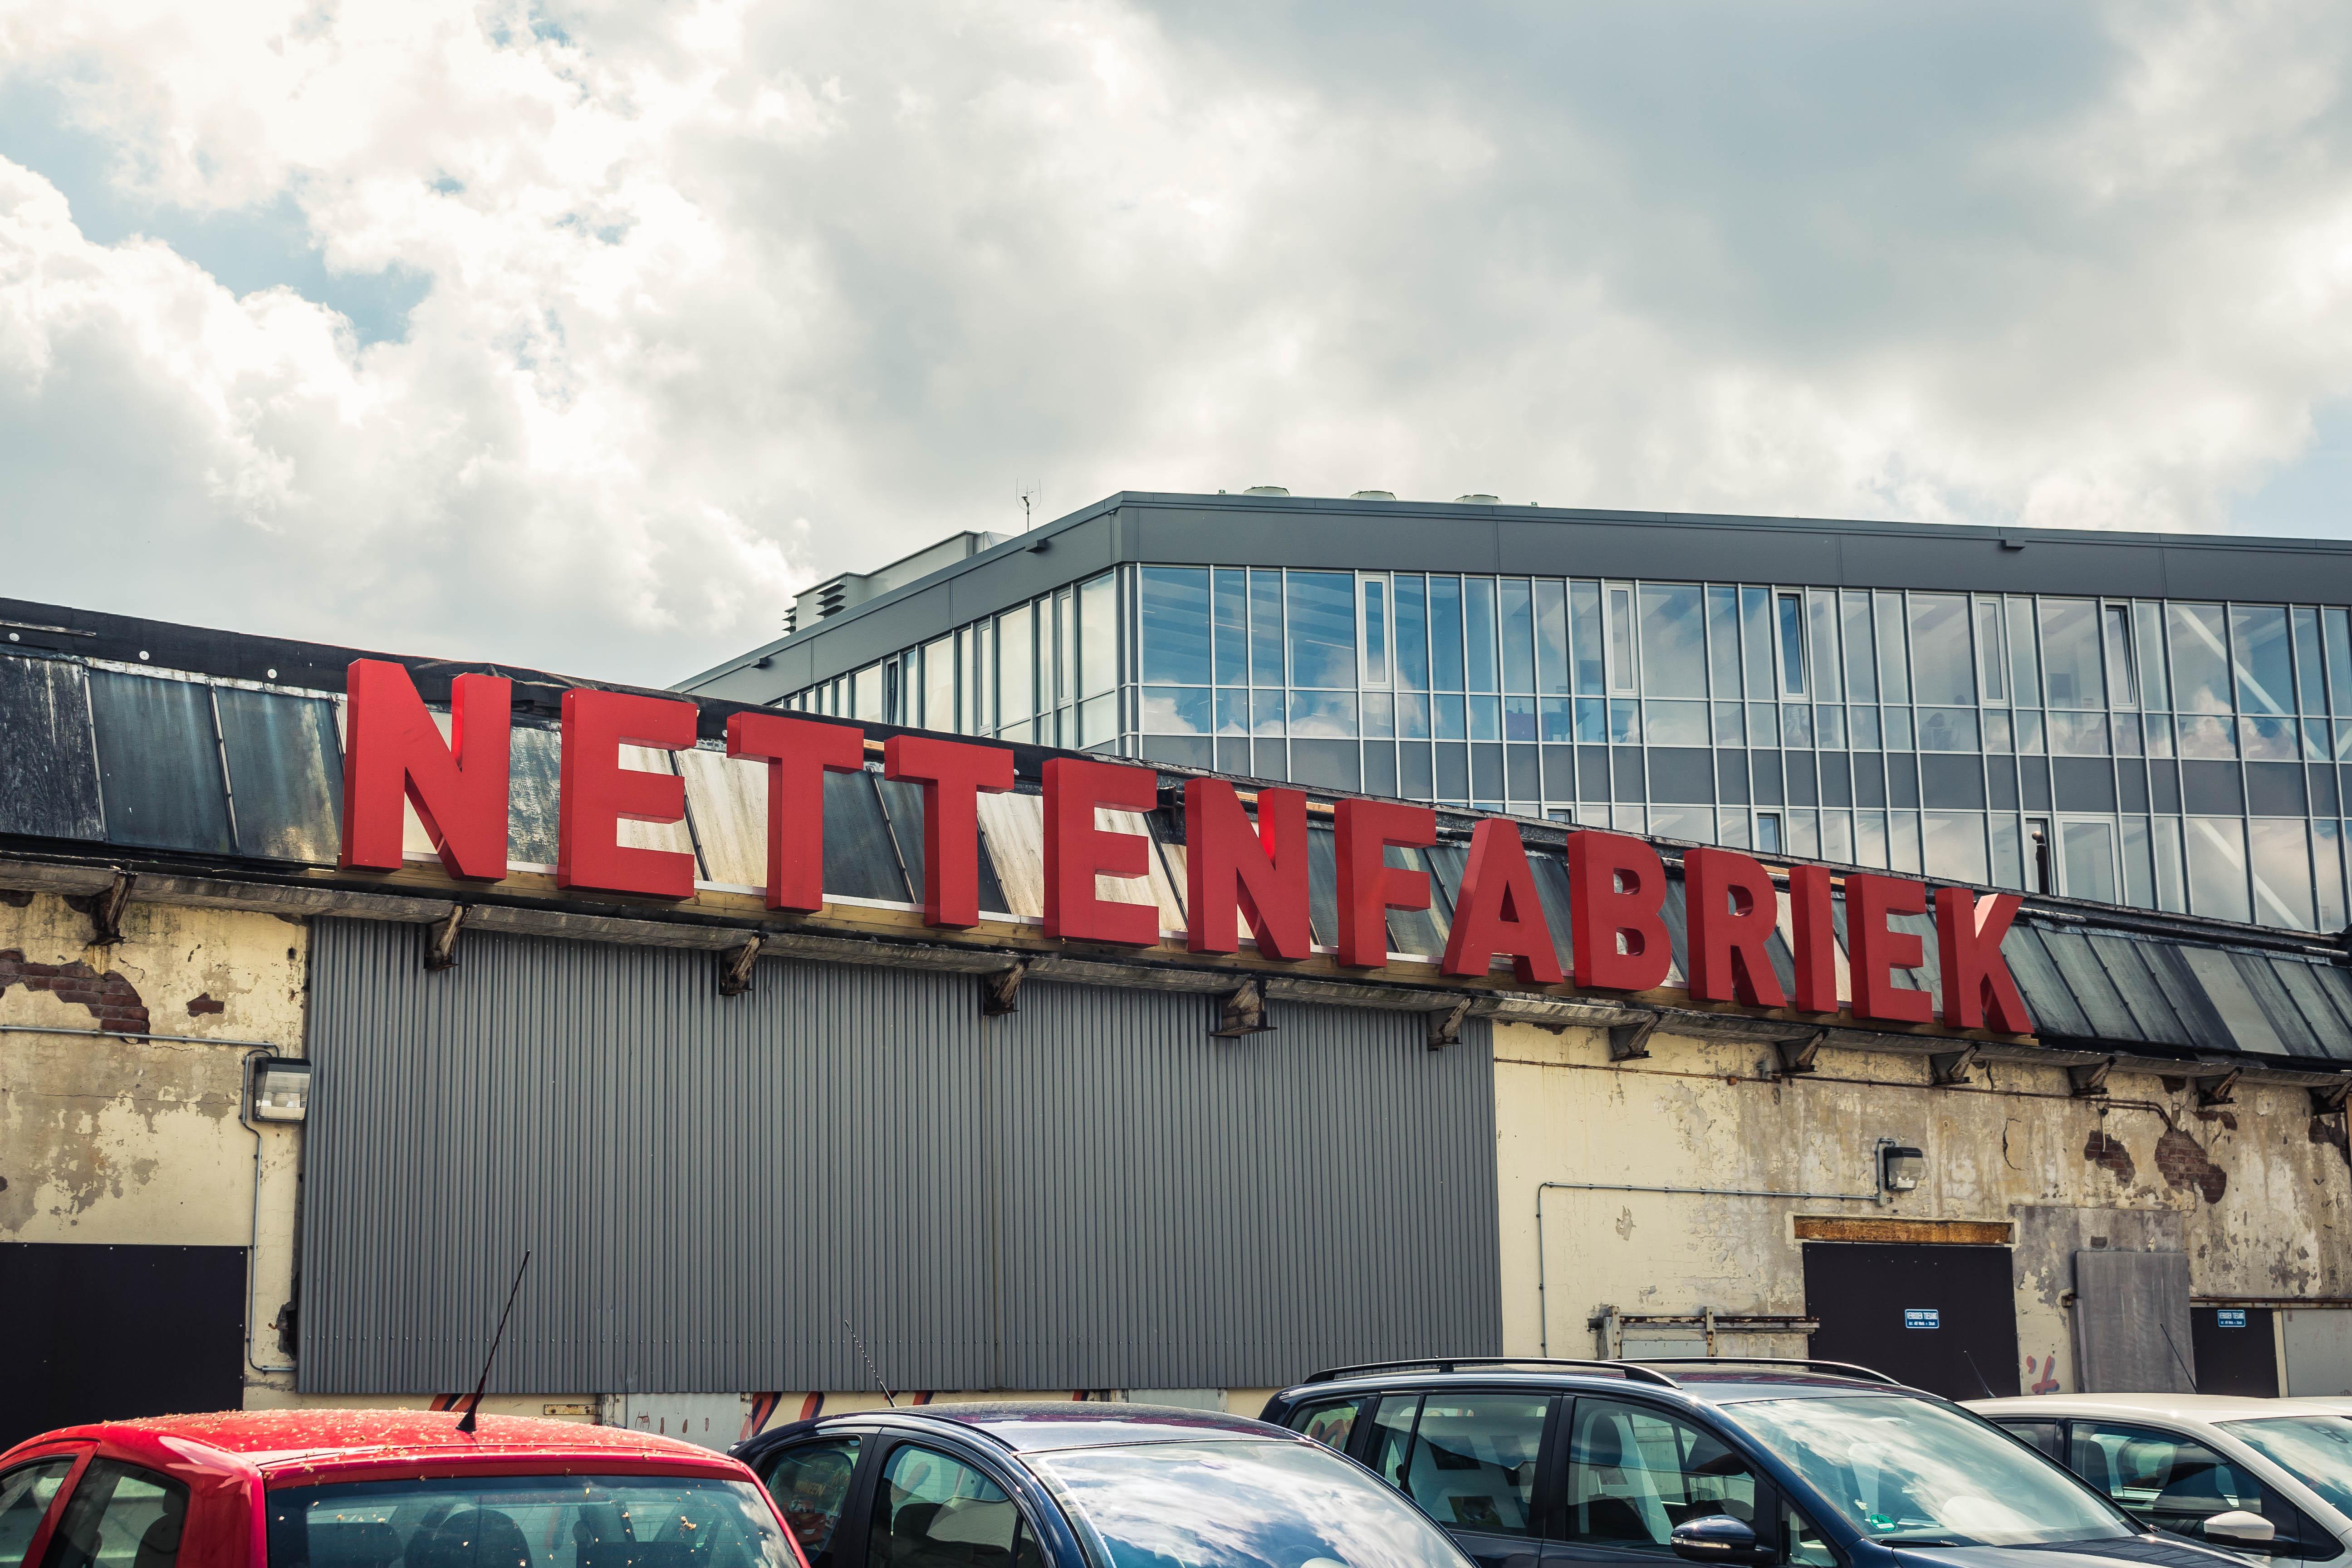 De Nettenfabriek